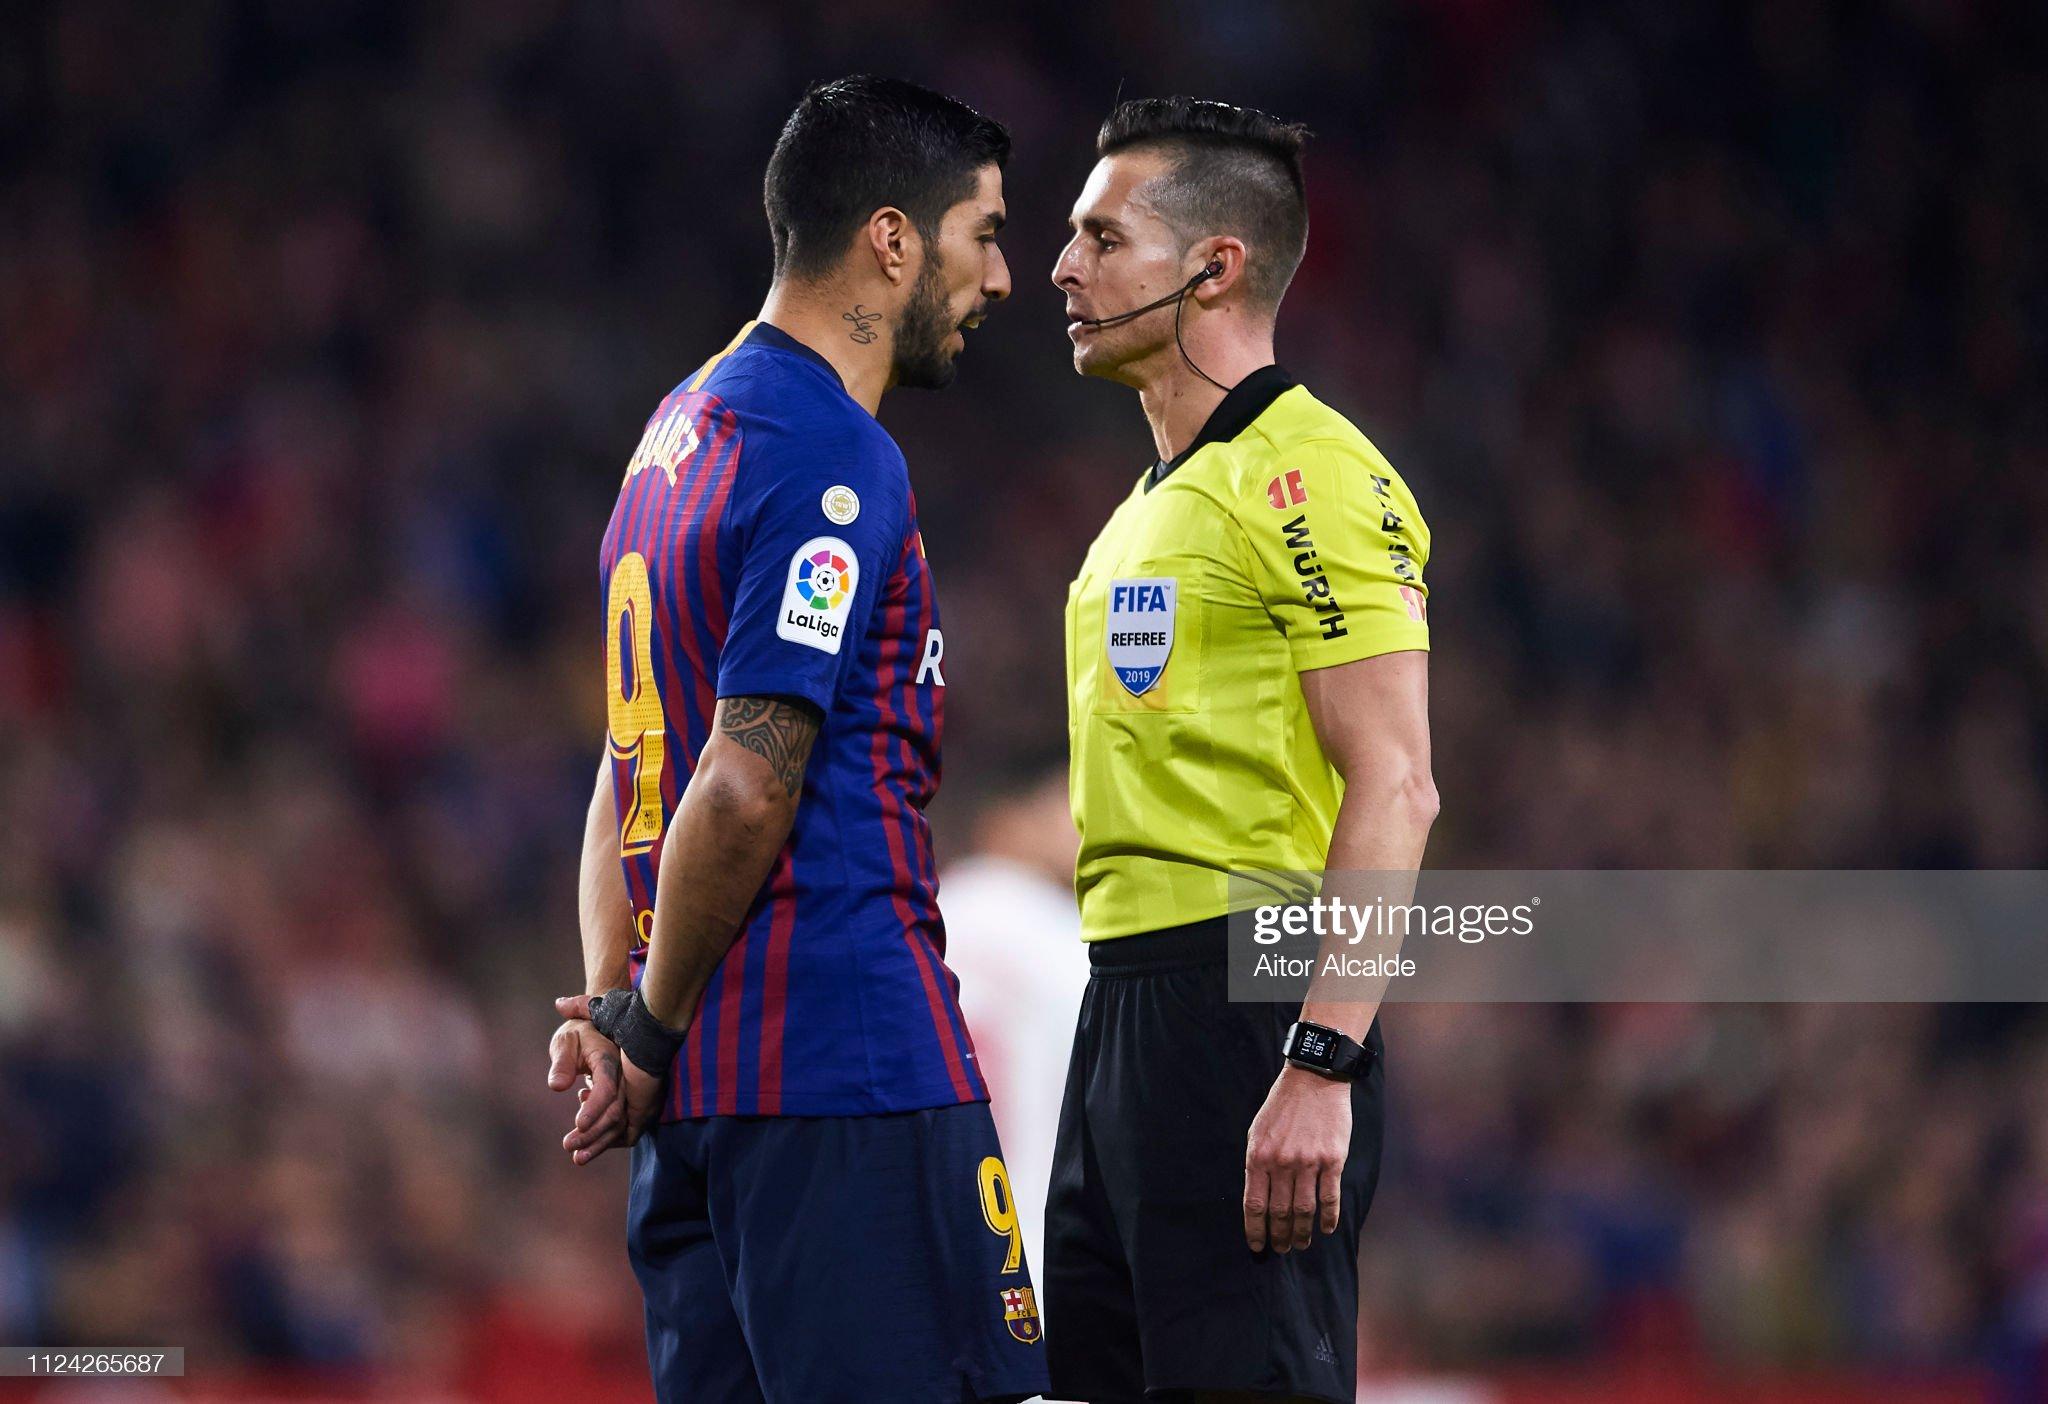 ¿Cuánto mide el árbitro Del Cerro Grande? - Altura Luis-suarez-of-fc-barcelona-argues-with-referee-carlos-del-cerro-picture-id1124265687?s=2048x2048